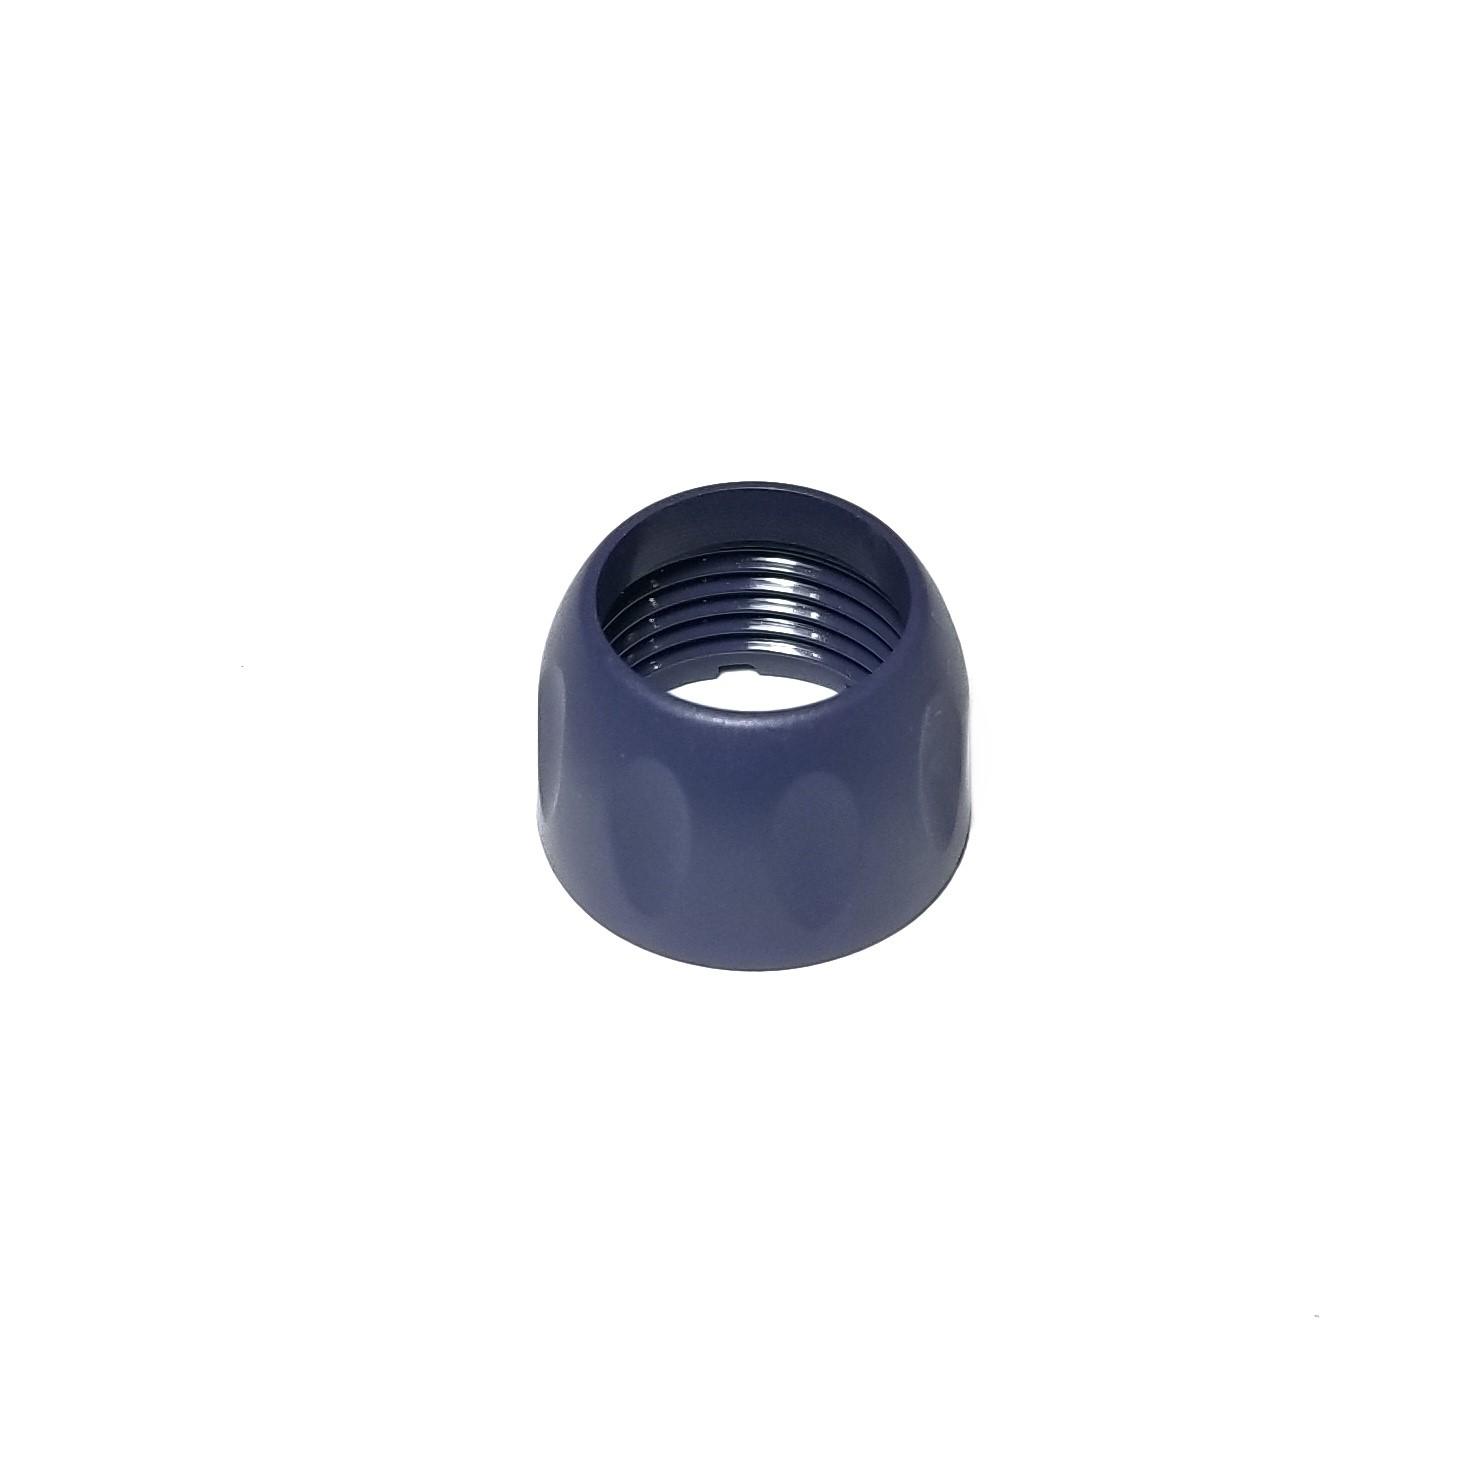 Pipet-Lite Shaft Coupling Nut, Single Channel, L, SL, 2-1000μL (Rainin)